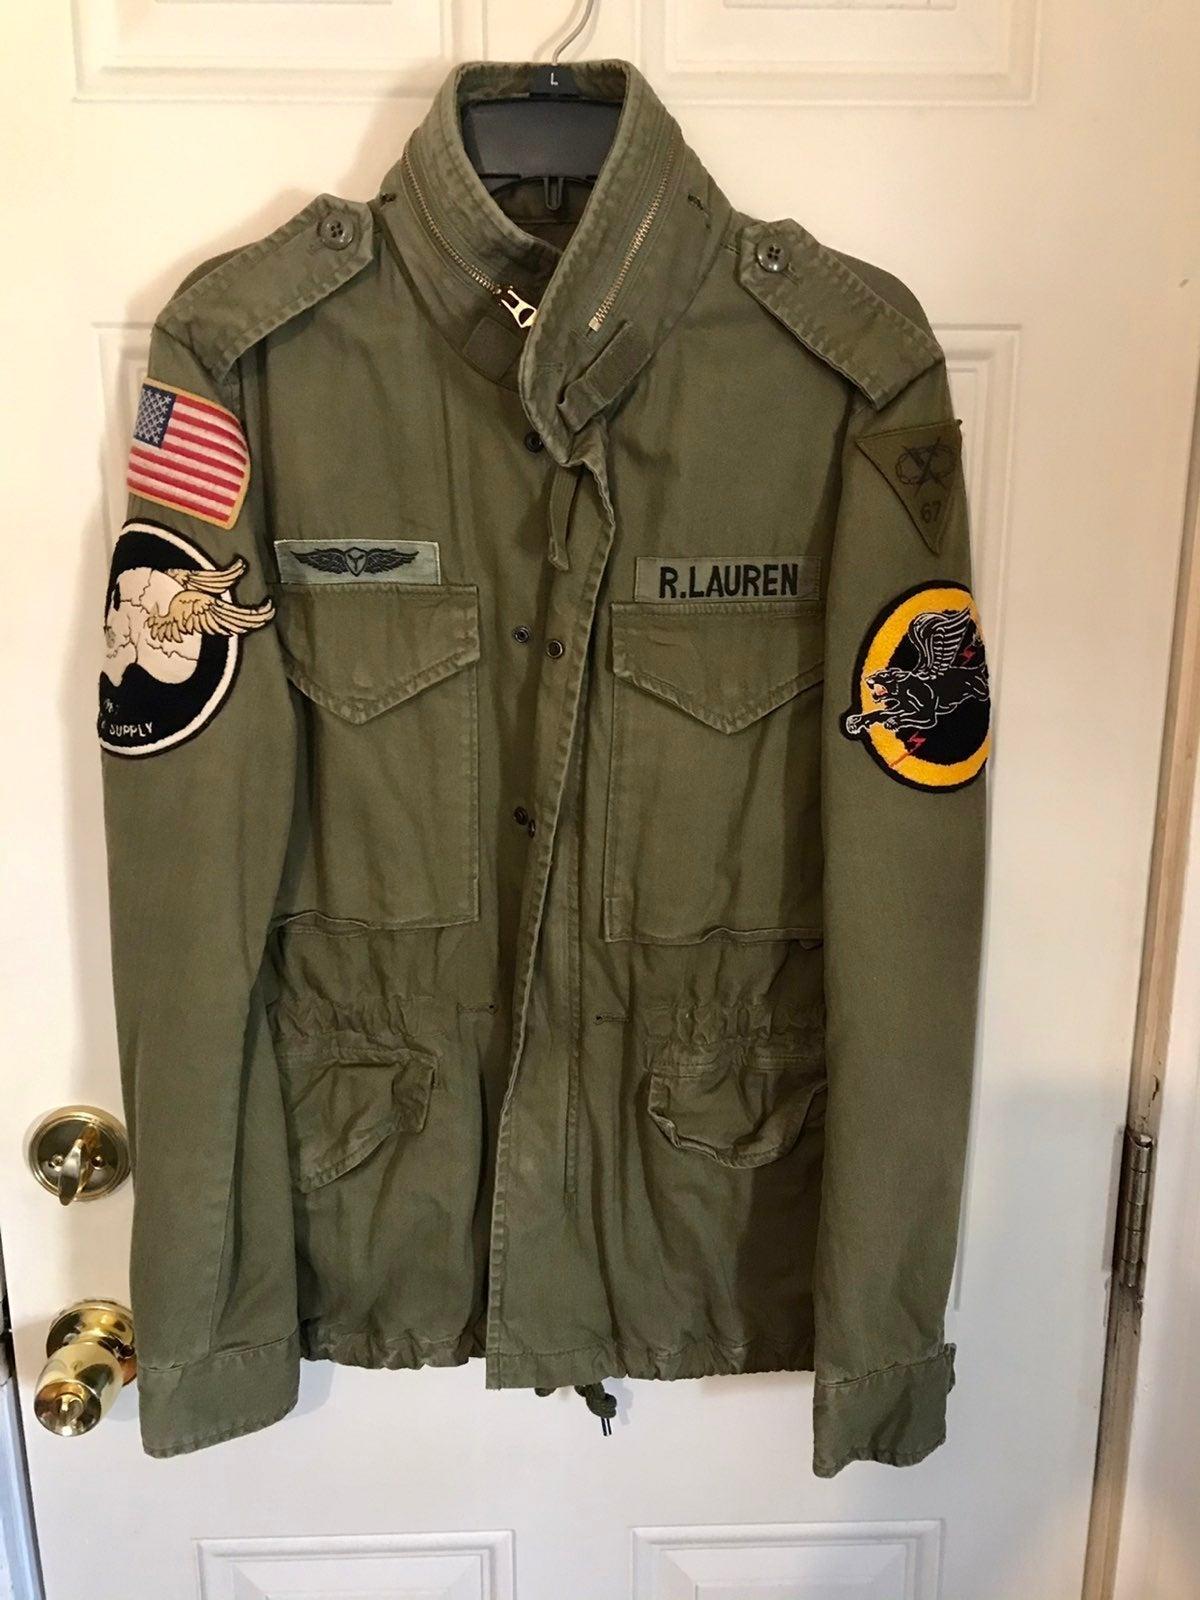 Ralph lauren military jacket